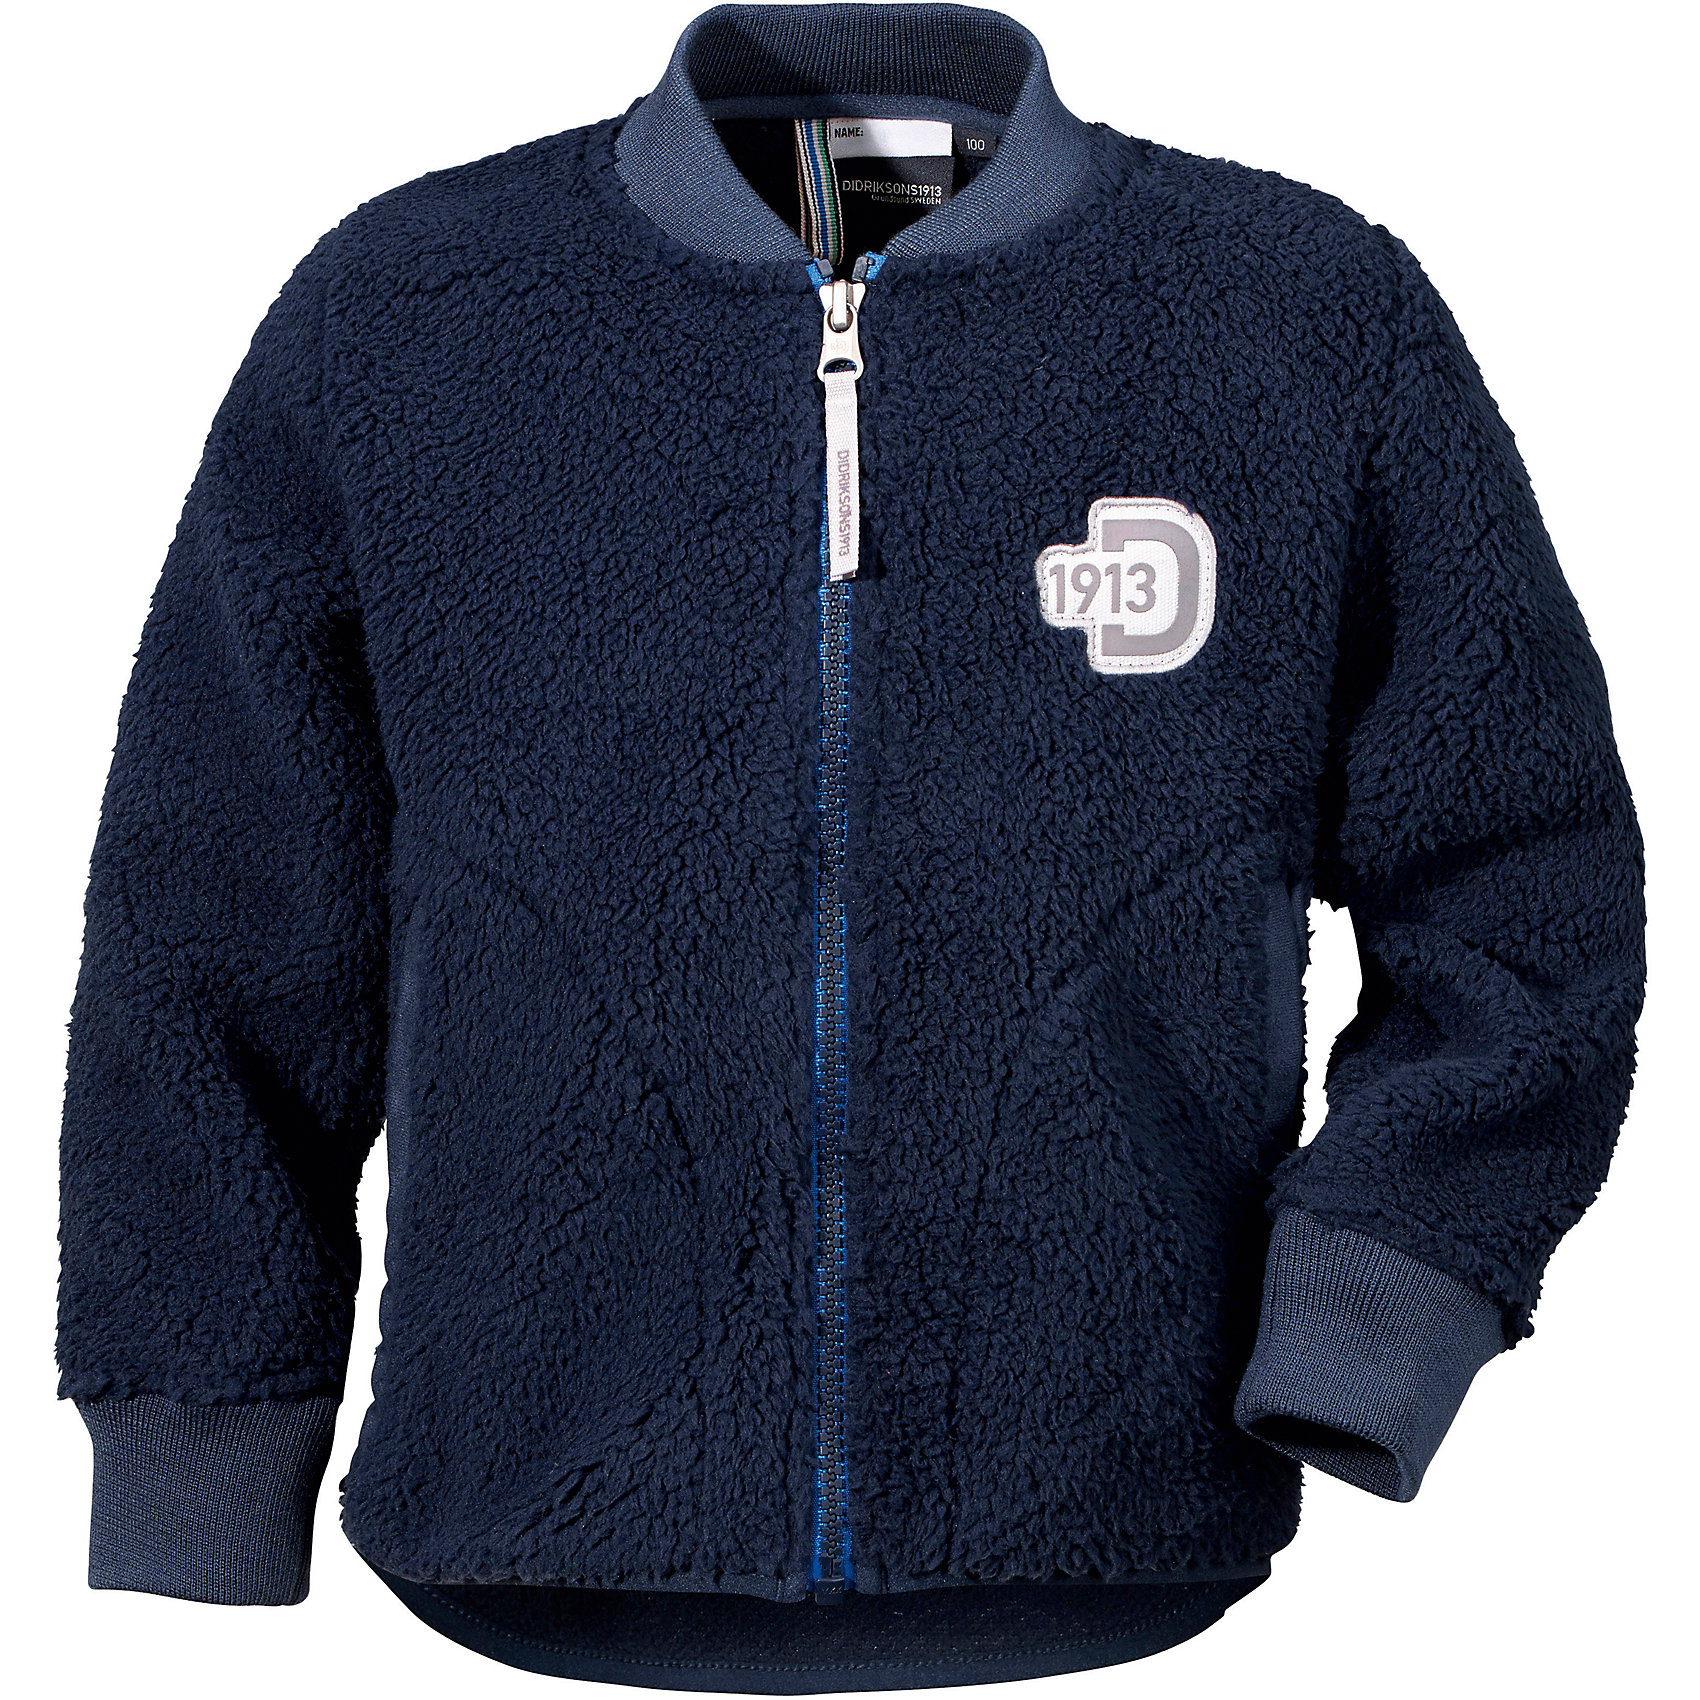 Куртка ORSA DIDRIKSONSВерхняя одежда<br>Характеристики товара:<br><br>• цвет: синий<br>• состав ткани: 100% полиэстер (флис)<br>• утеплитель: нет<br>• сезон: демисезон<br>• теплоизоляционная<br>• застежка: молния<br>• страна бренда: Швеция<br>• страна изготовитель: Китай<br><br>Эта теплая куртка для ребенка отличается комфортной посадкой. Детская куртка обладает хорошими теплоизоляционными свойствами. Мягкая детская куртка может надеваться под верхнюю одежду для дополнительного утепления. Флисовая детская куртка легко надевается благодаря удобной застежке. <br><br>Куртку Orsa Didriksons (Дидриксонс) можно купить в нашем интернет-магазине.<br><br>Ширина мм: 356<br>Глубина мм: 10<br>Высота мм: 245<br>Вес г: 519<br>Цвет: голубой<br>Возраст от месяцев: 108<br>Возраст до месяцев: 120<br>Пол: Унисекс<br>Возраст: Детский<br>Размер: 140,80,90,100,110,120,130<br>SKU: 7045298